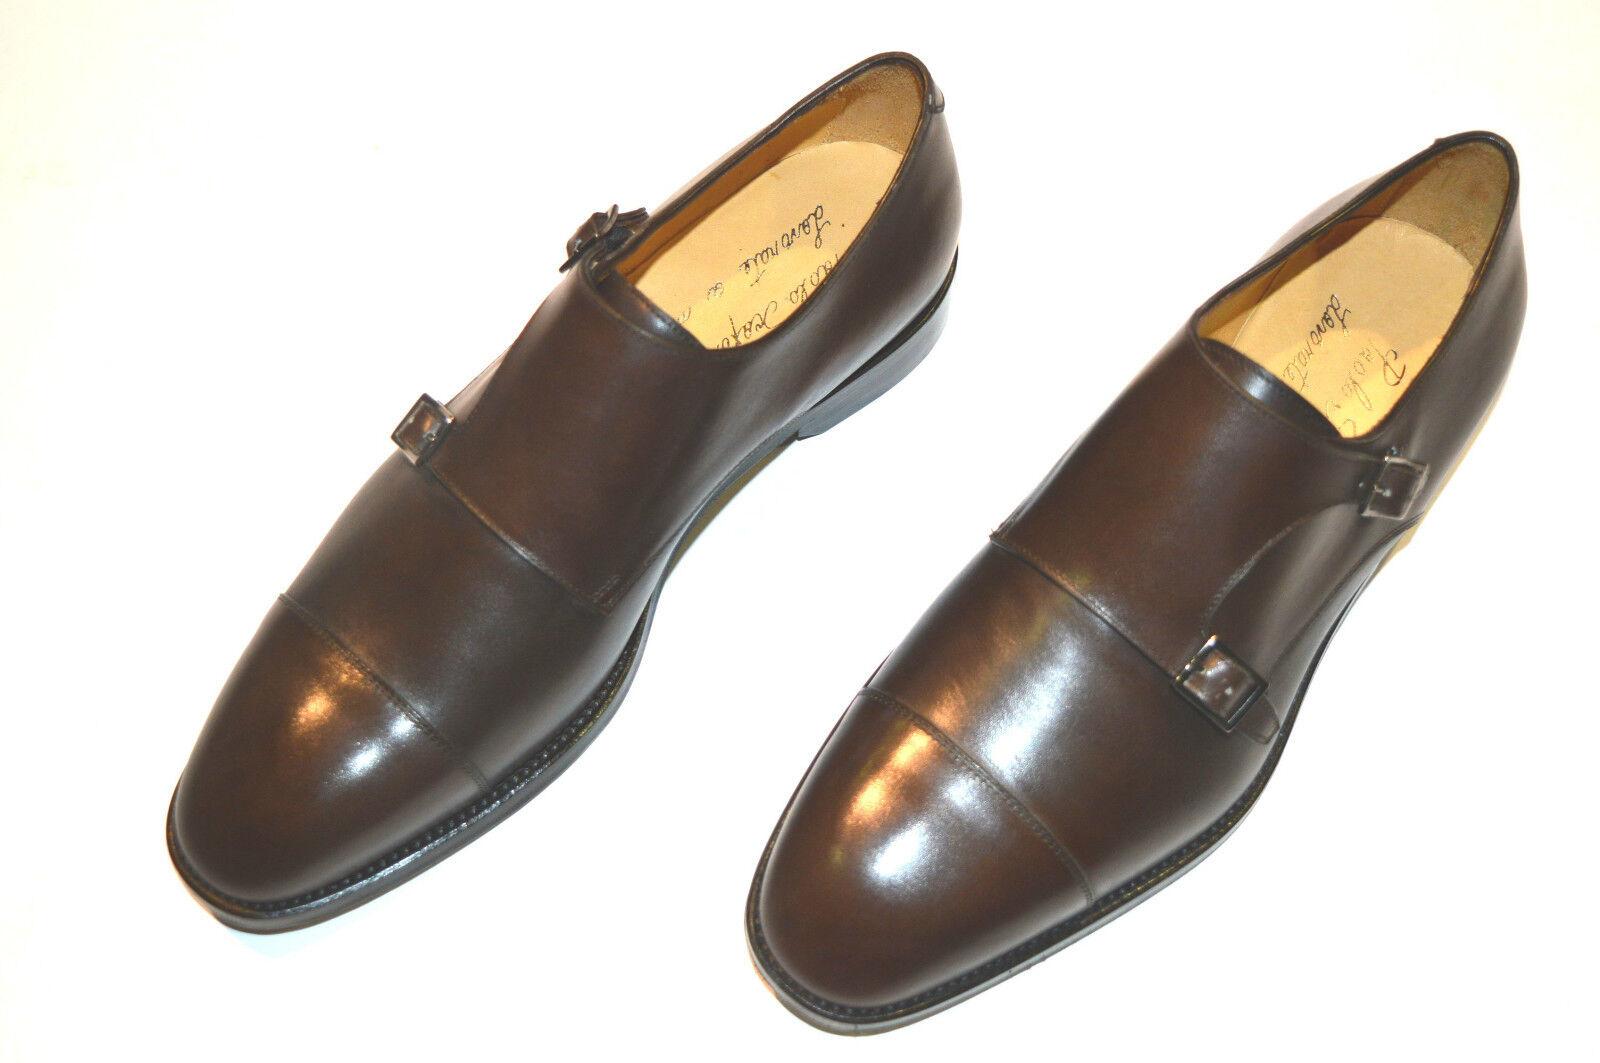 New PAOLO SCAFORA Pelle Monk Strap Shoes Size Eu 41 Uk 7 Us 8 Cod 3